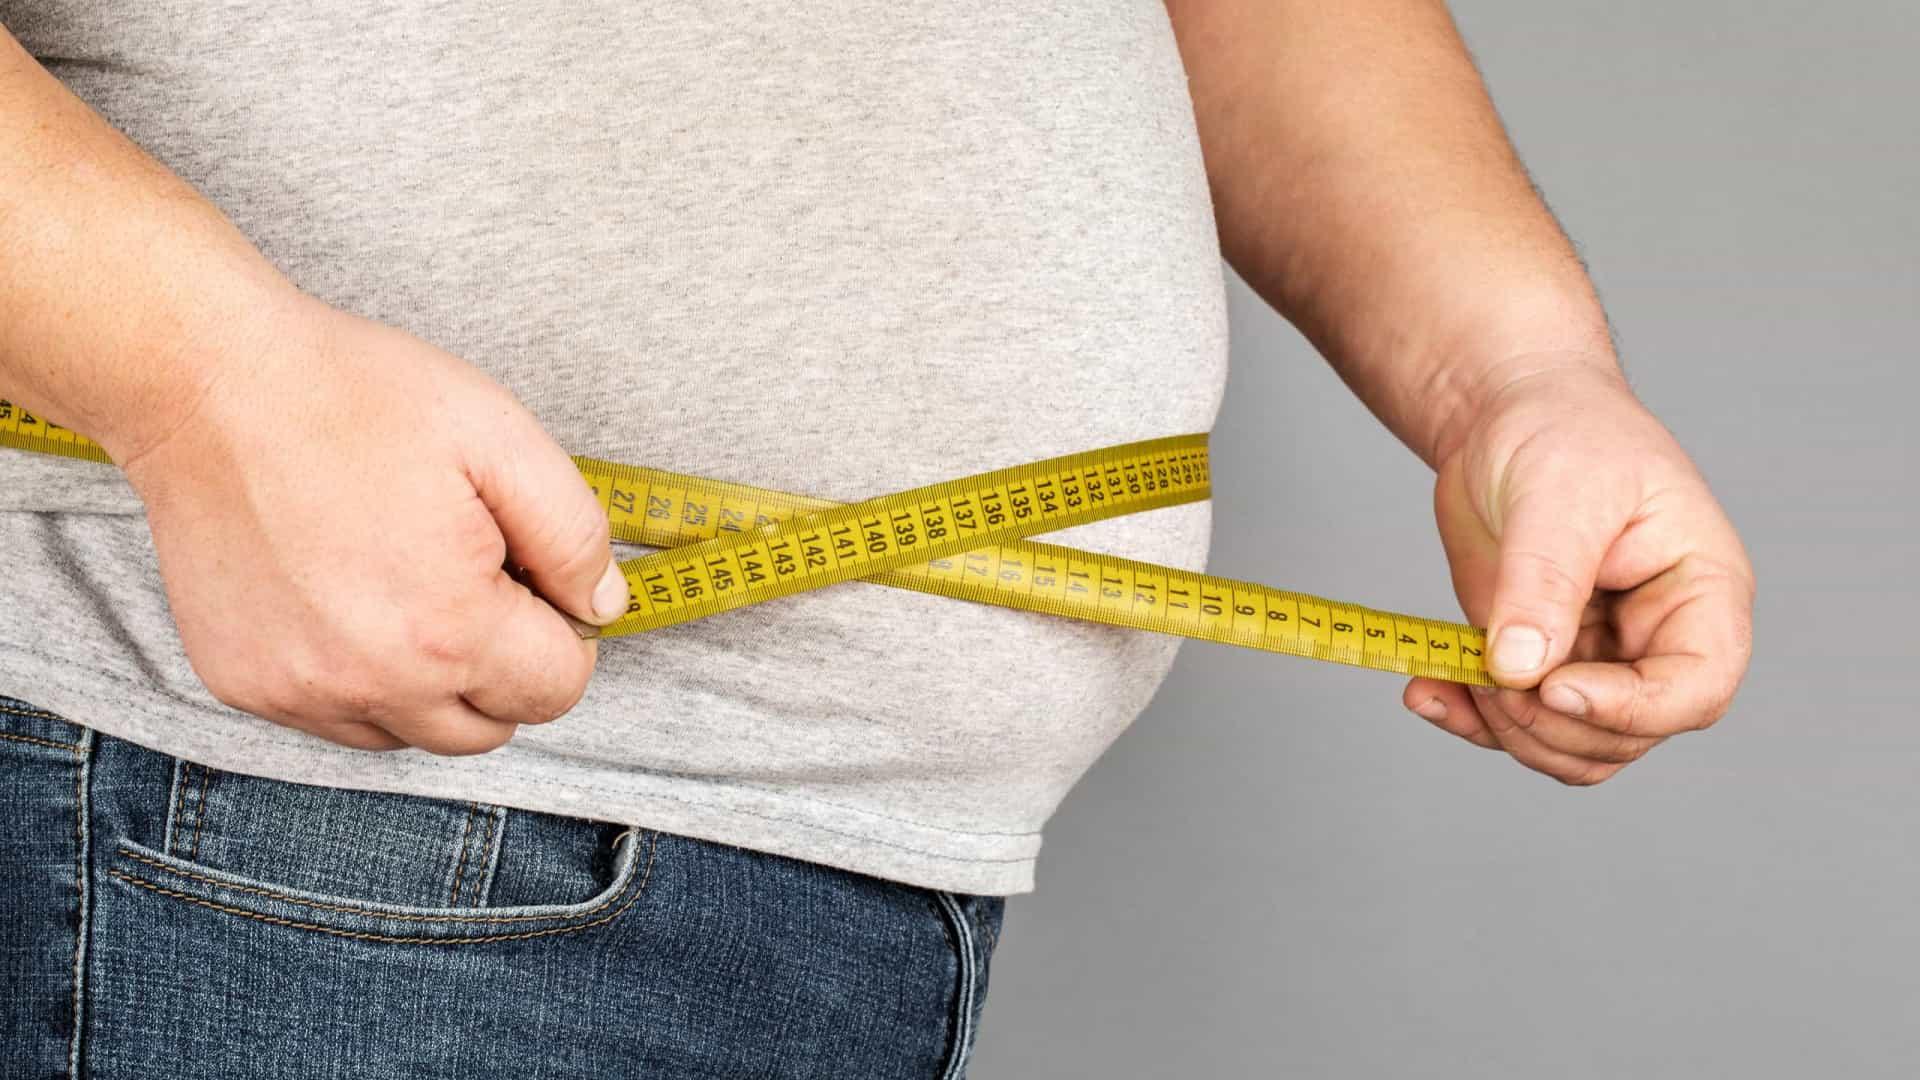 Obesidade é fator de risco para Covid-19 (Foto: Shutterstock)